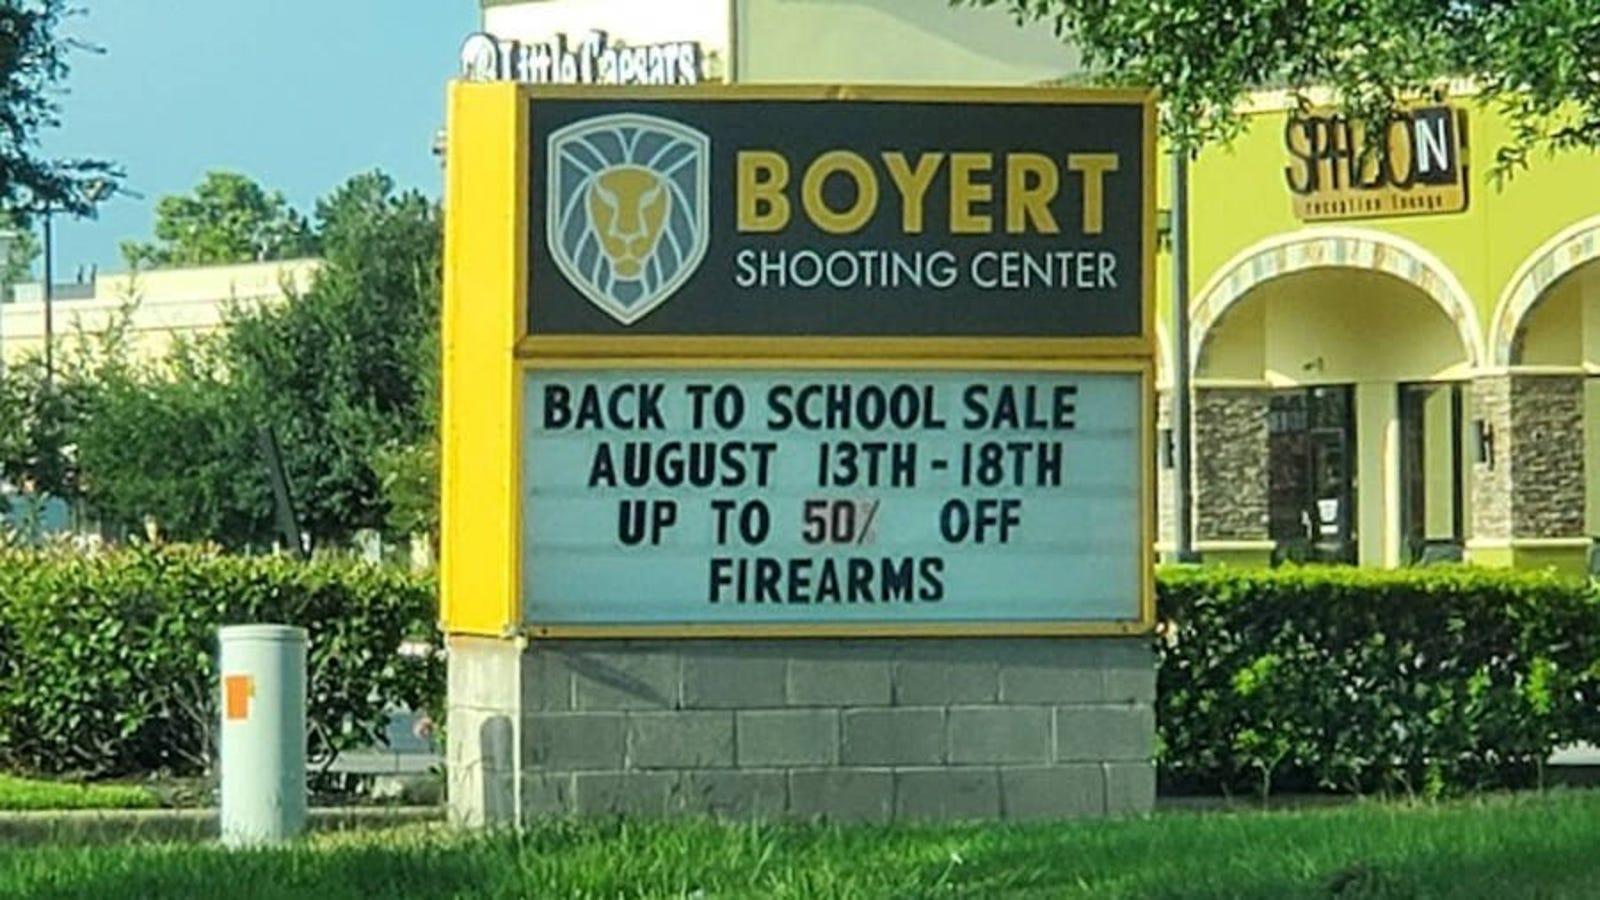 Una tienda de Texas lanza rebajas de hasta el 50% en armas por la vuelta a la escuela